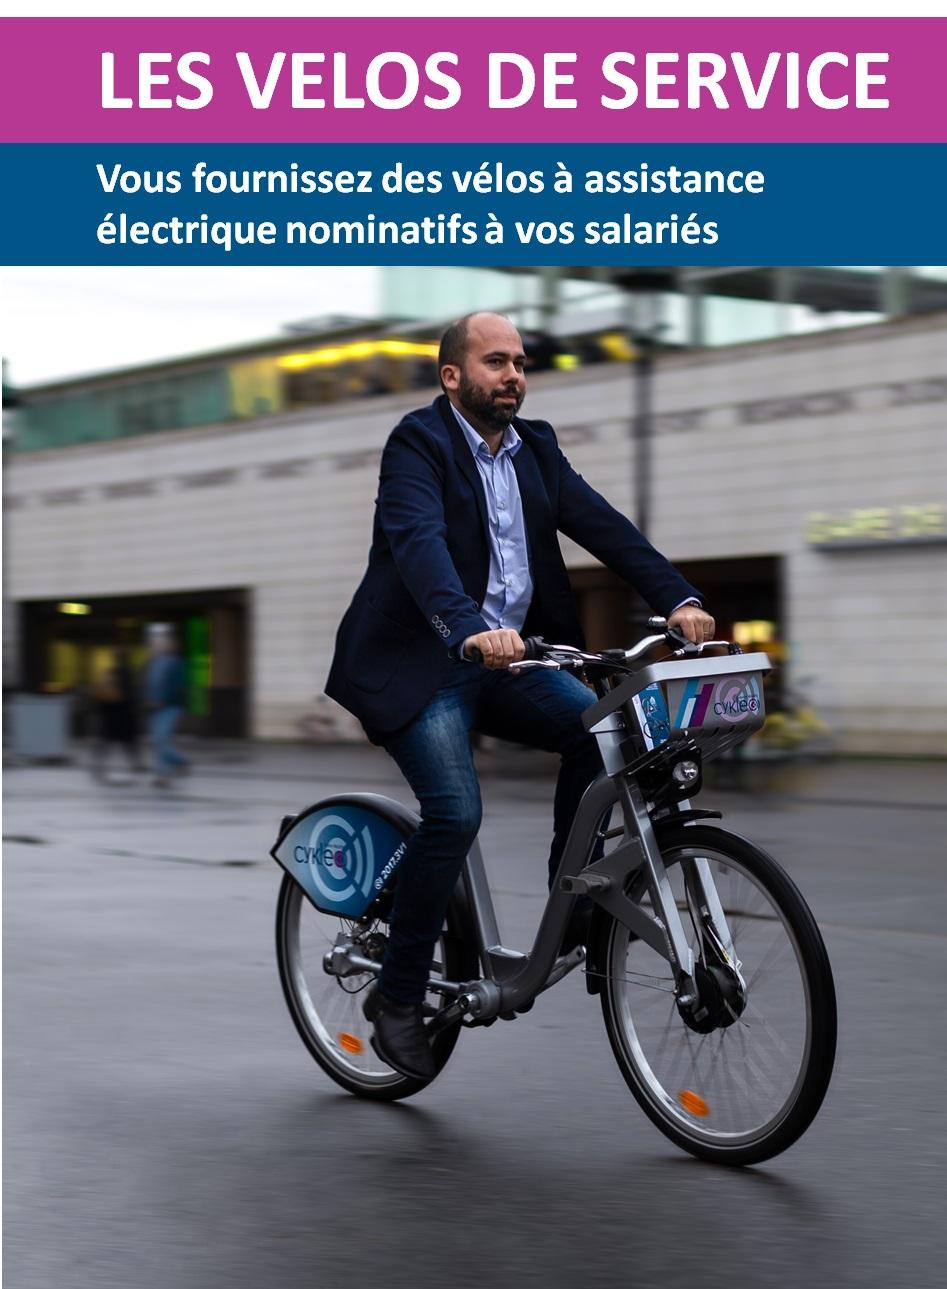 Vélos de service